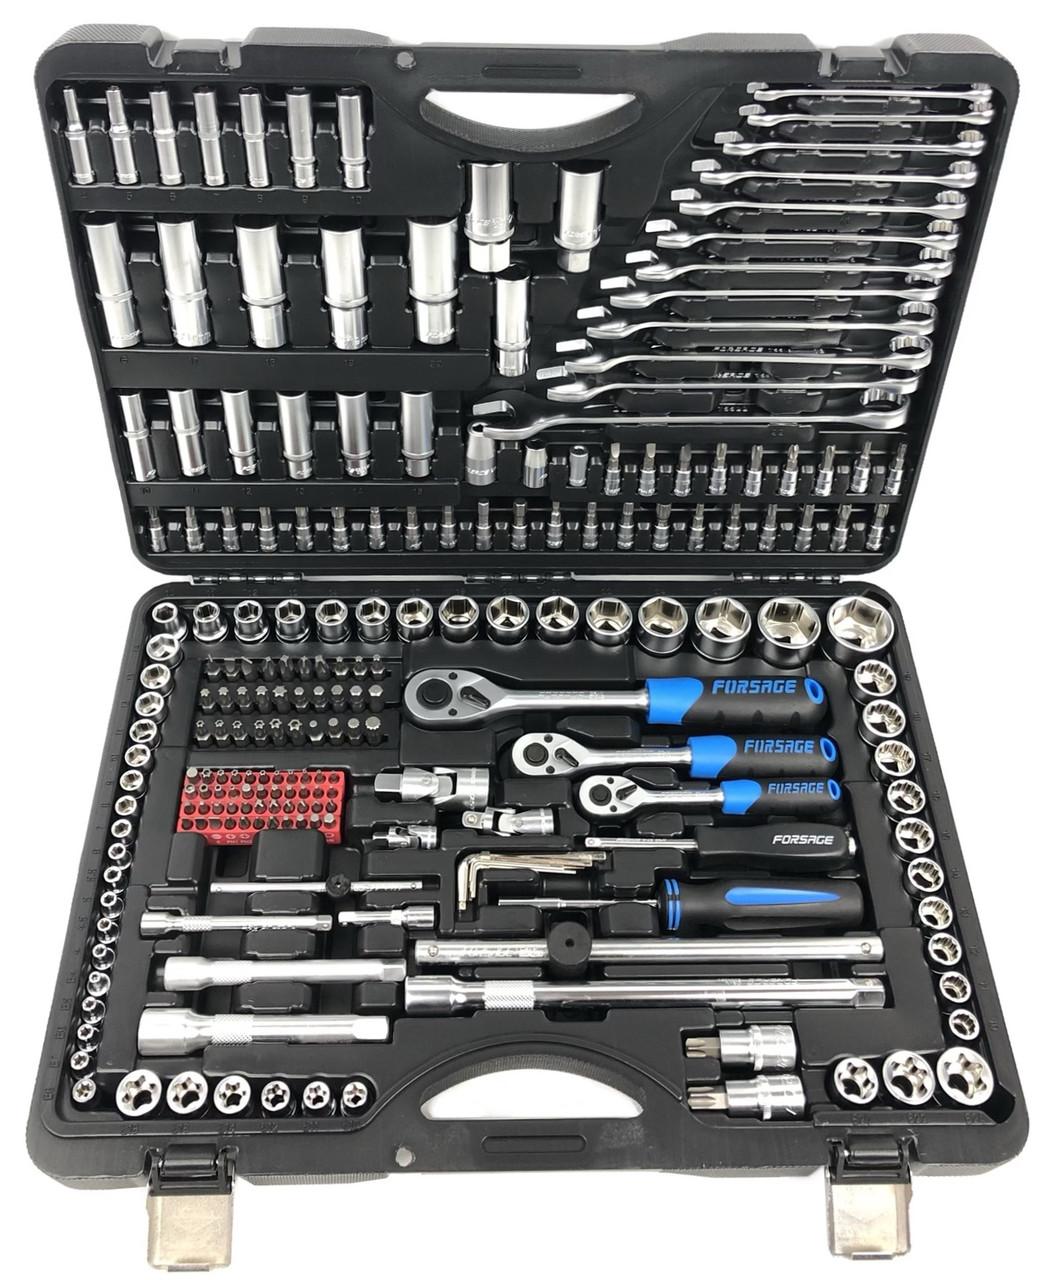 Профессиональный набор инструментов Forsage 216 шт. (F-38841)